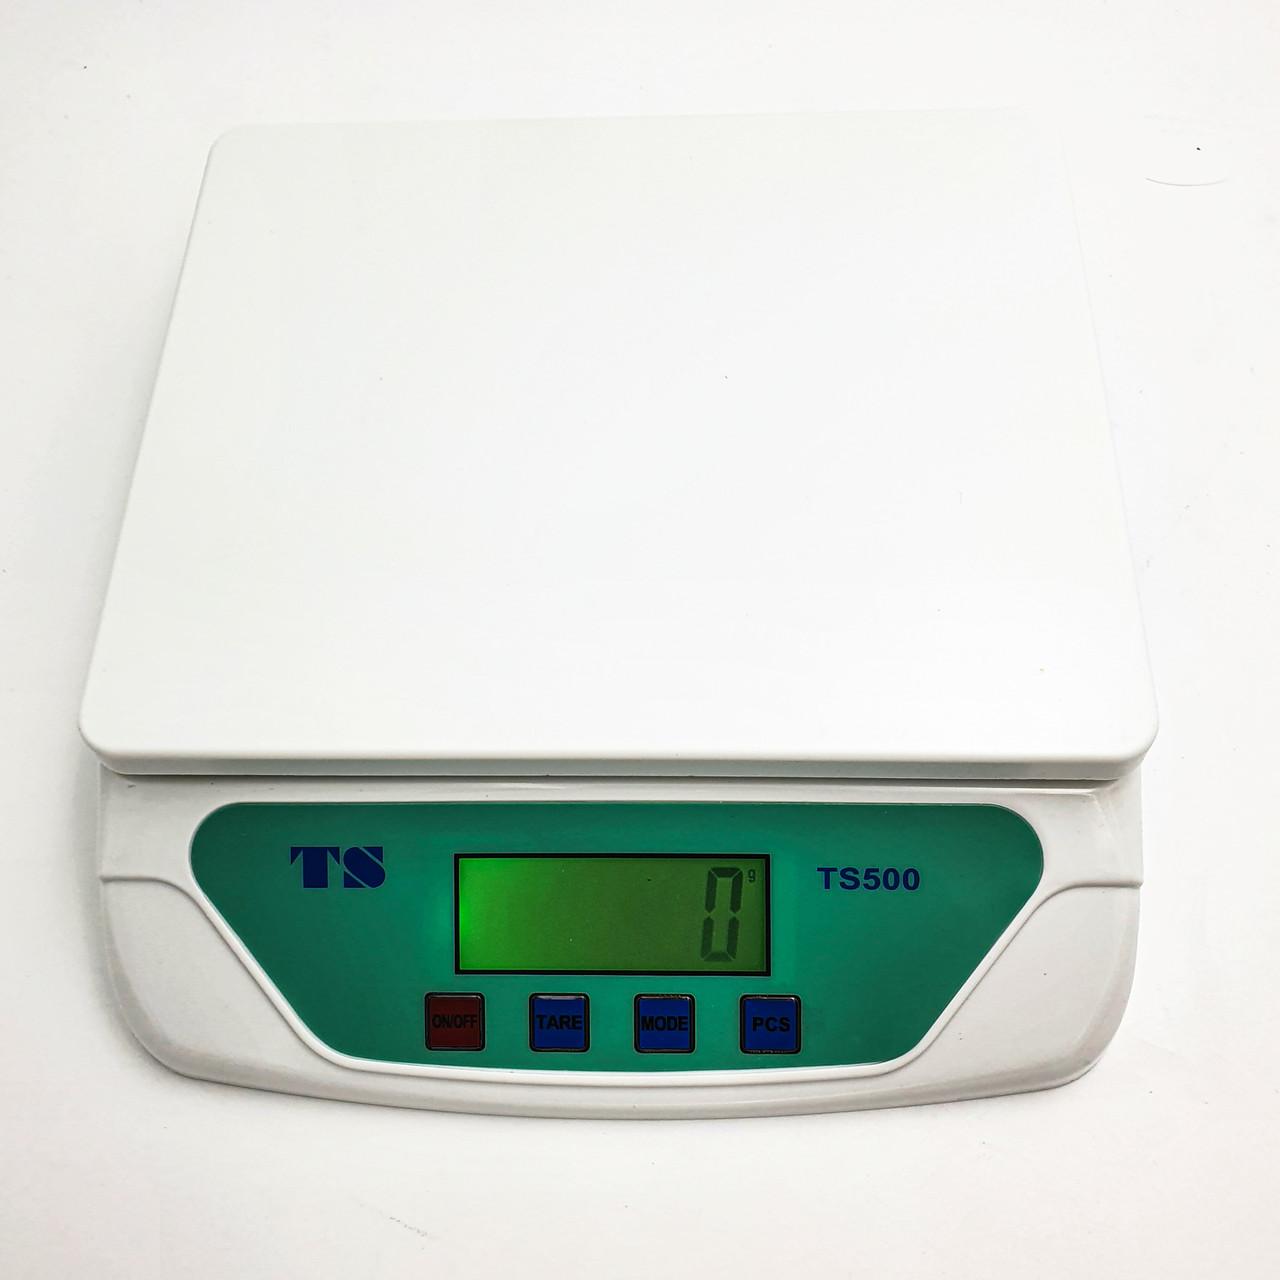 Весы универсальные для торговли фасовки кухни взвешивание до 30 кг деление 1 г UKC TS-500 белый